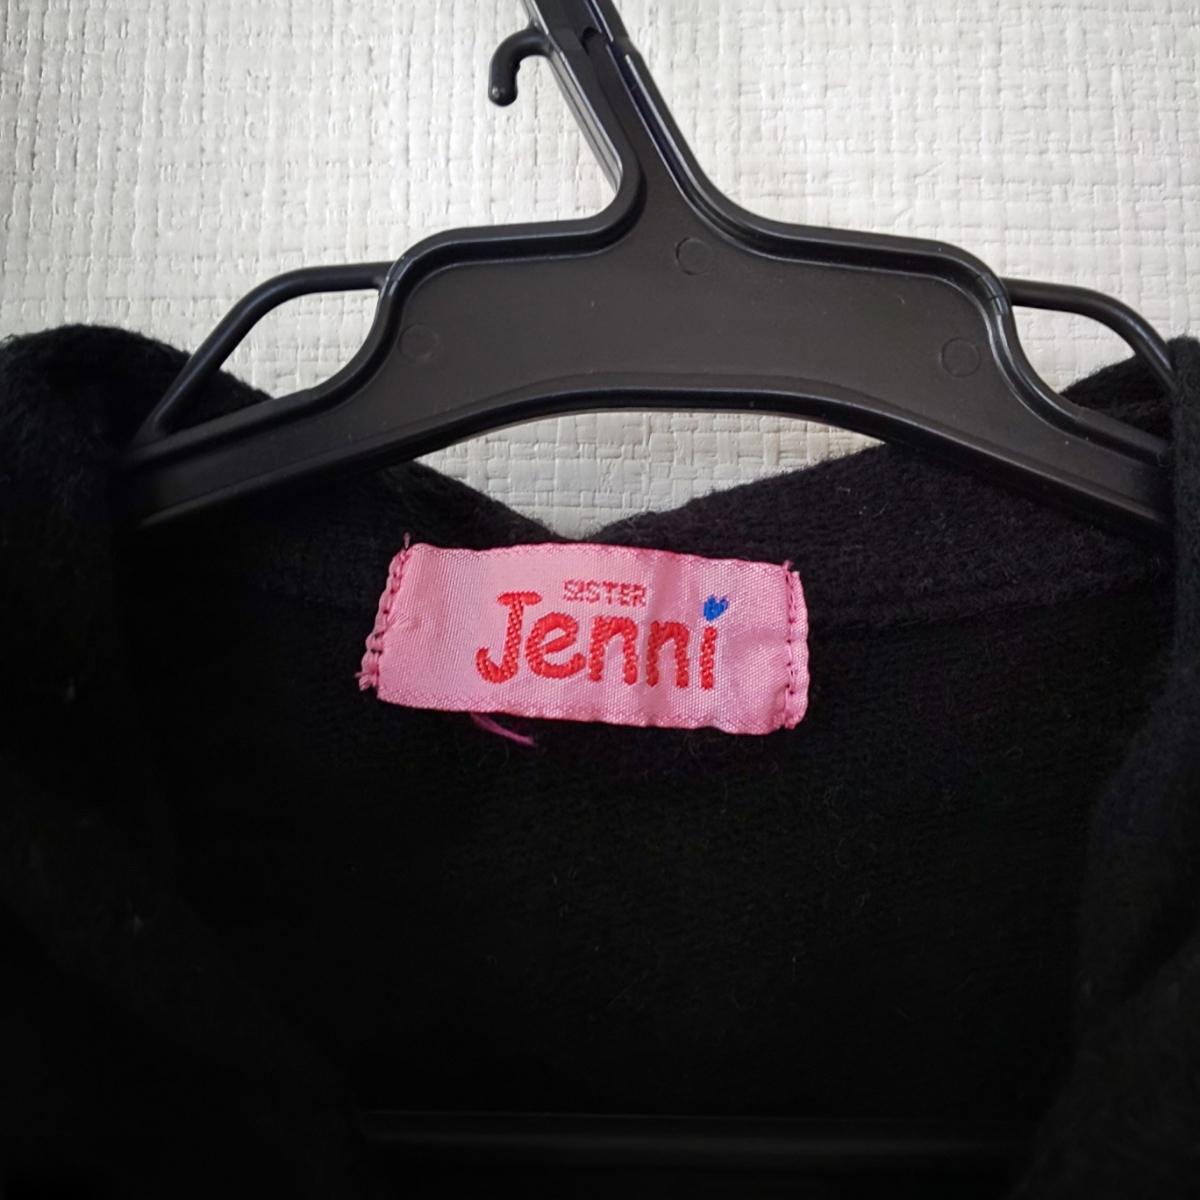 1円スタート! 110cm Jenni フード付きパーカー 女の子 コーデ キッズ JENNIGIRL ジェニィ 長袖 アウター akichan7777jp_画像3